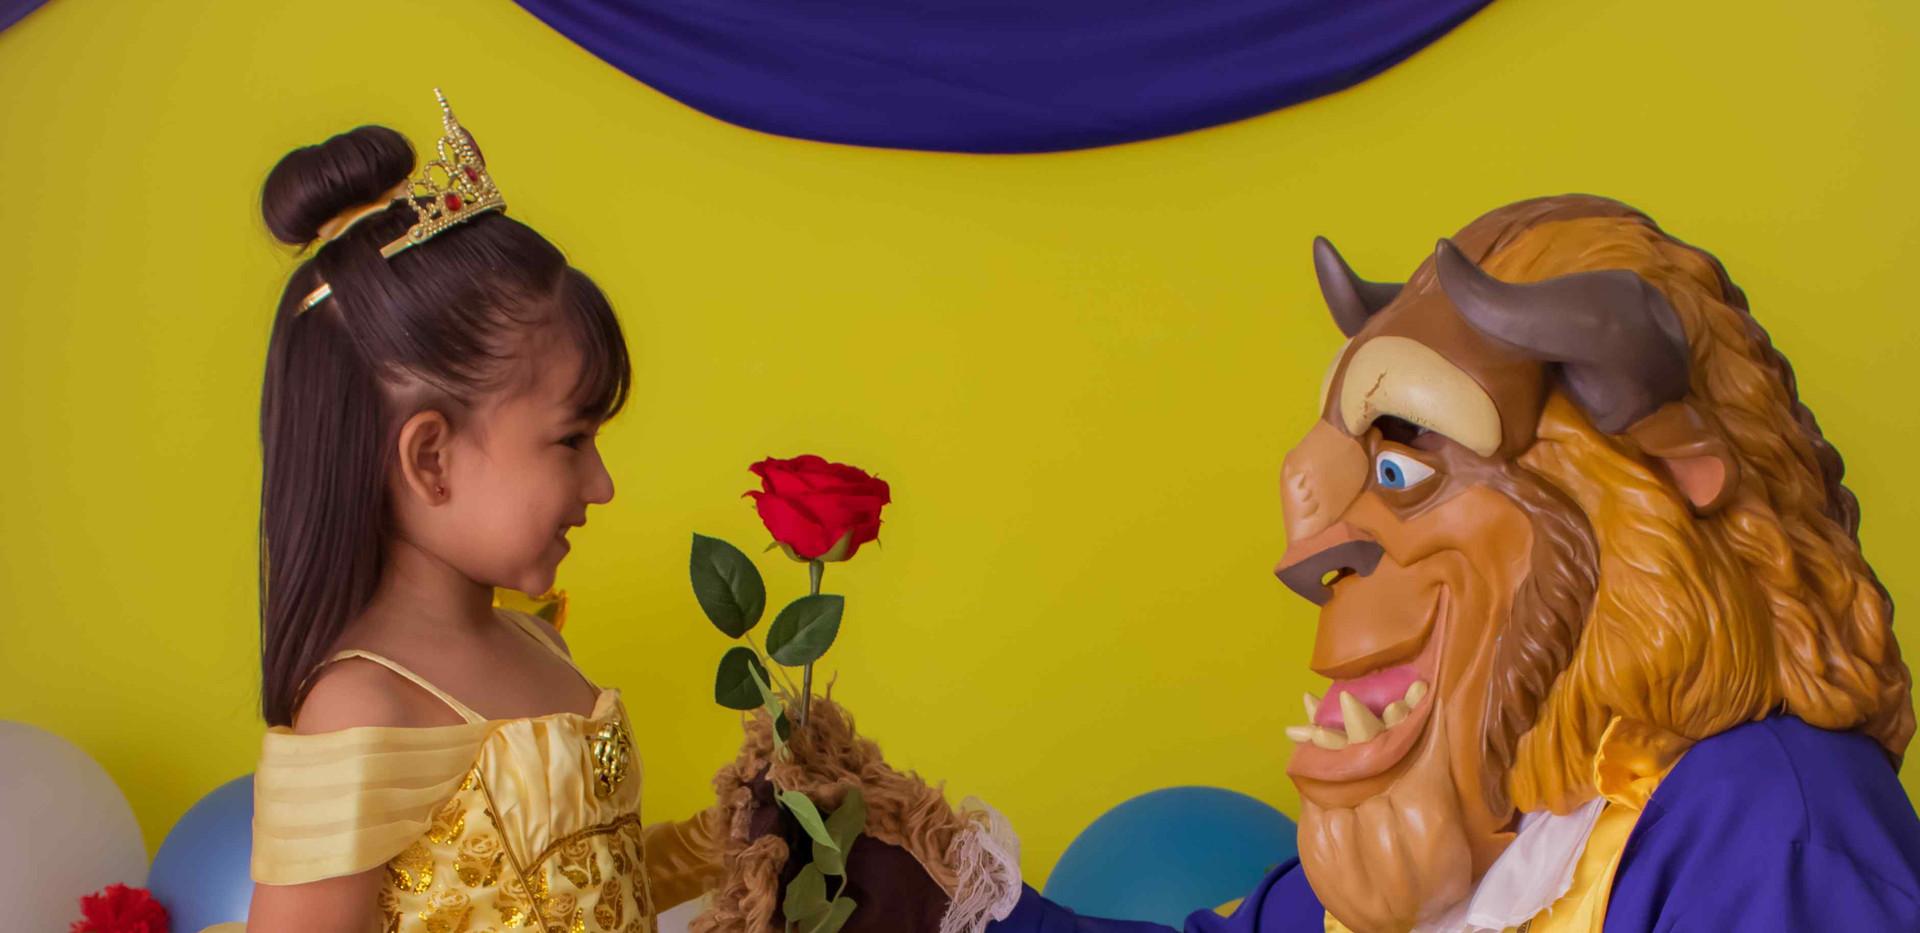 Fotografía de cumpleaños bella y la bestia